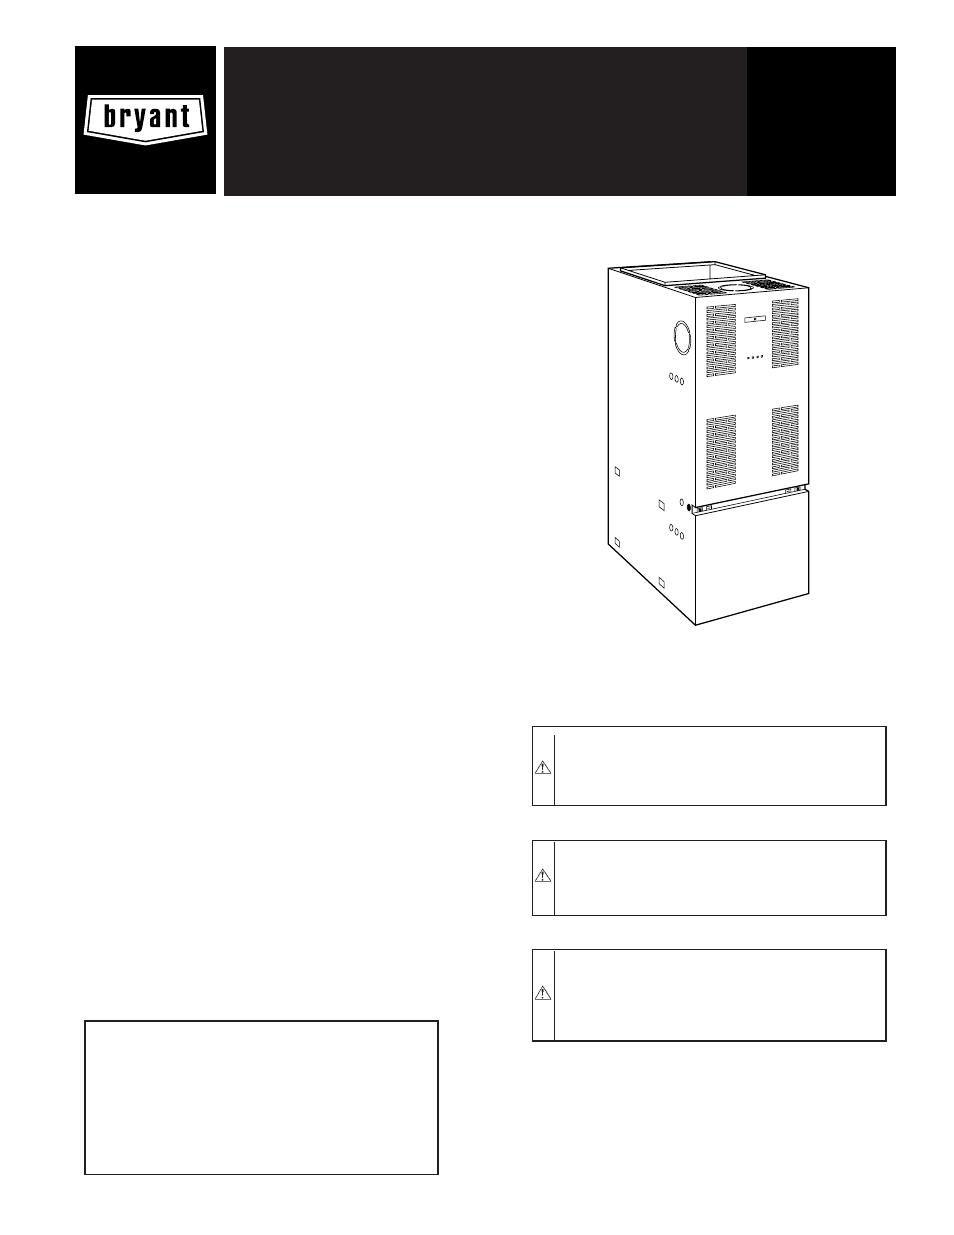 bryant multipurpose oil 369aan user manual 12 pages rh manualsdir com american standard furnace manual american standard silver series furnace installation manual